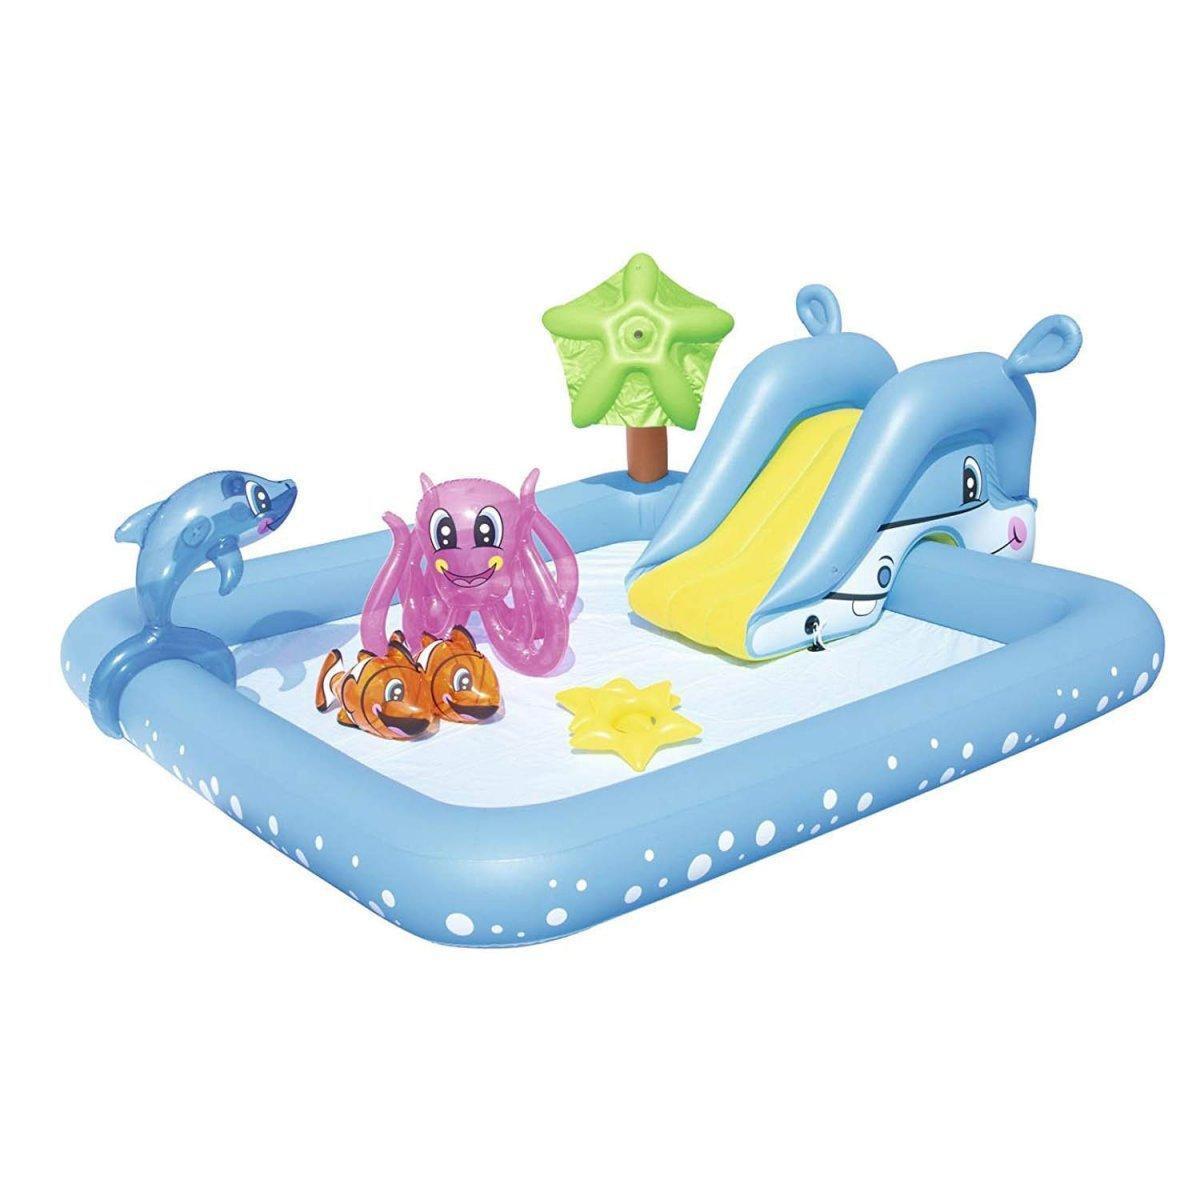 Надувной игровой центр Bestway 53052 «Аквариум» с горкой и с игрушками